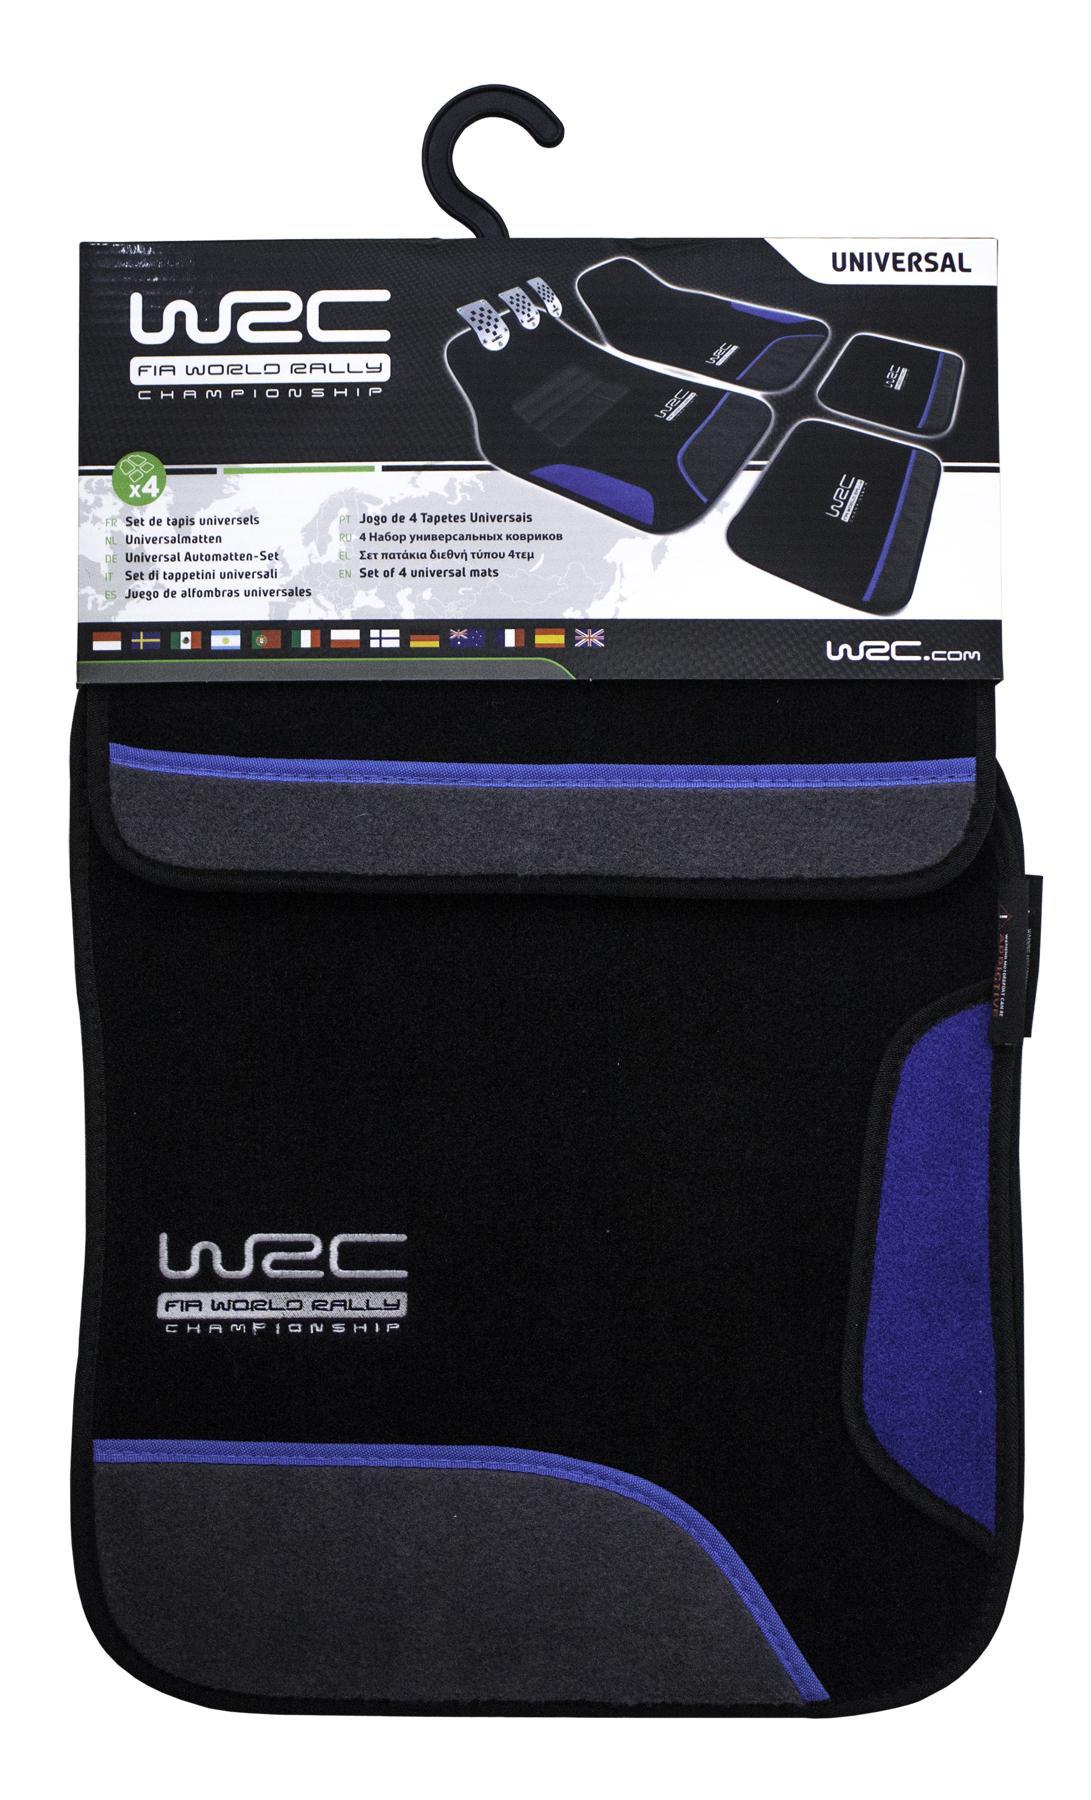 007436 Vloermatset WRC - Voordelige producten van merken.